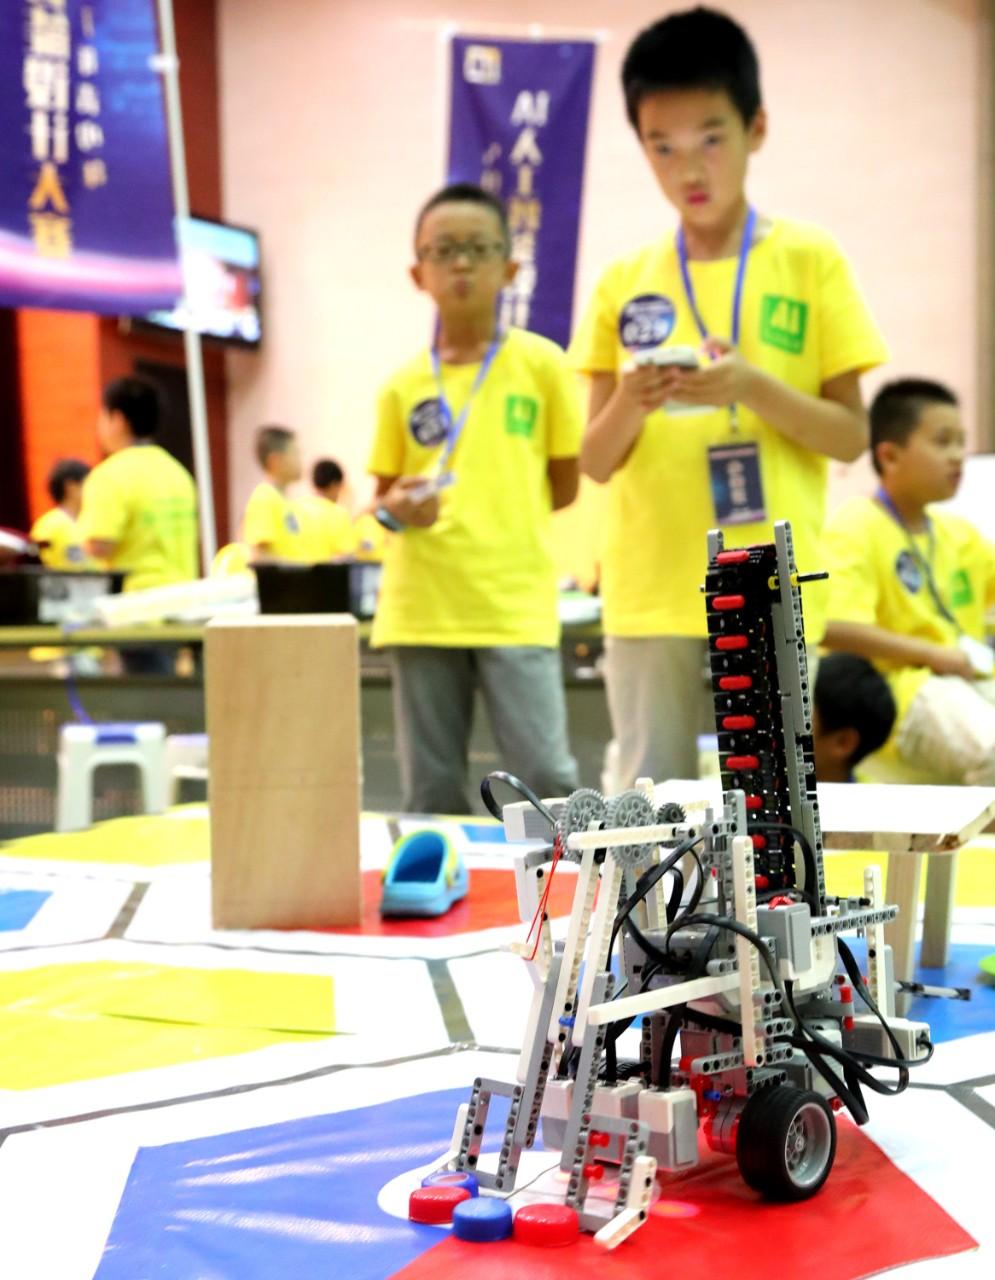 Une centaine d'enfants chinois participent à un concours de conception d'intelligence artificielle pour les jeunes à Suzhou, 13 aout 2017